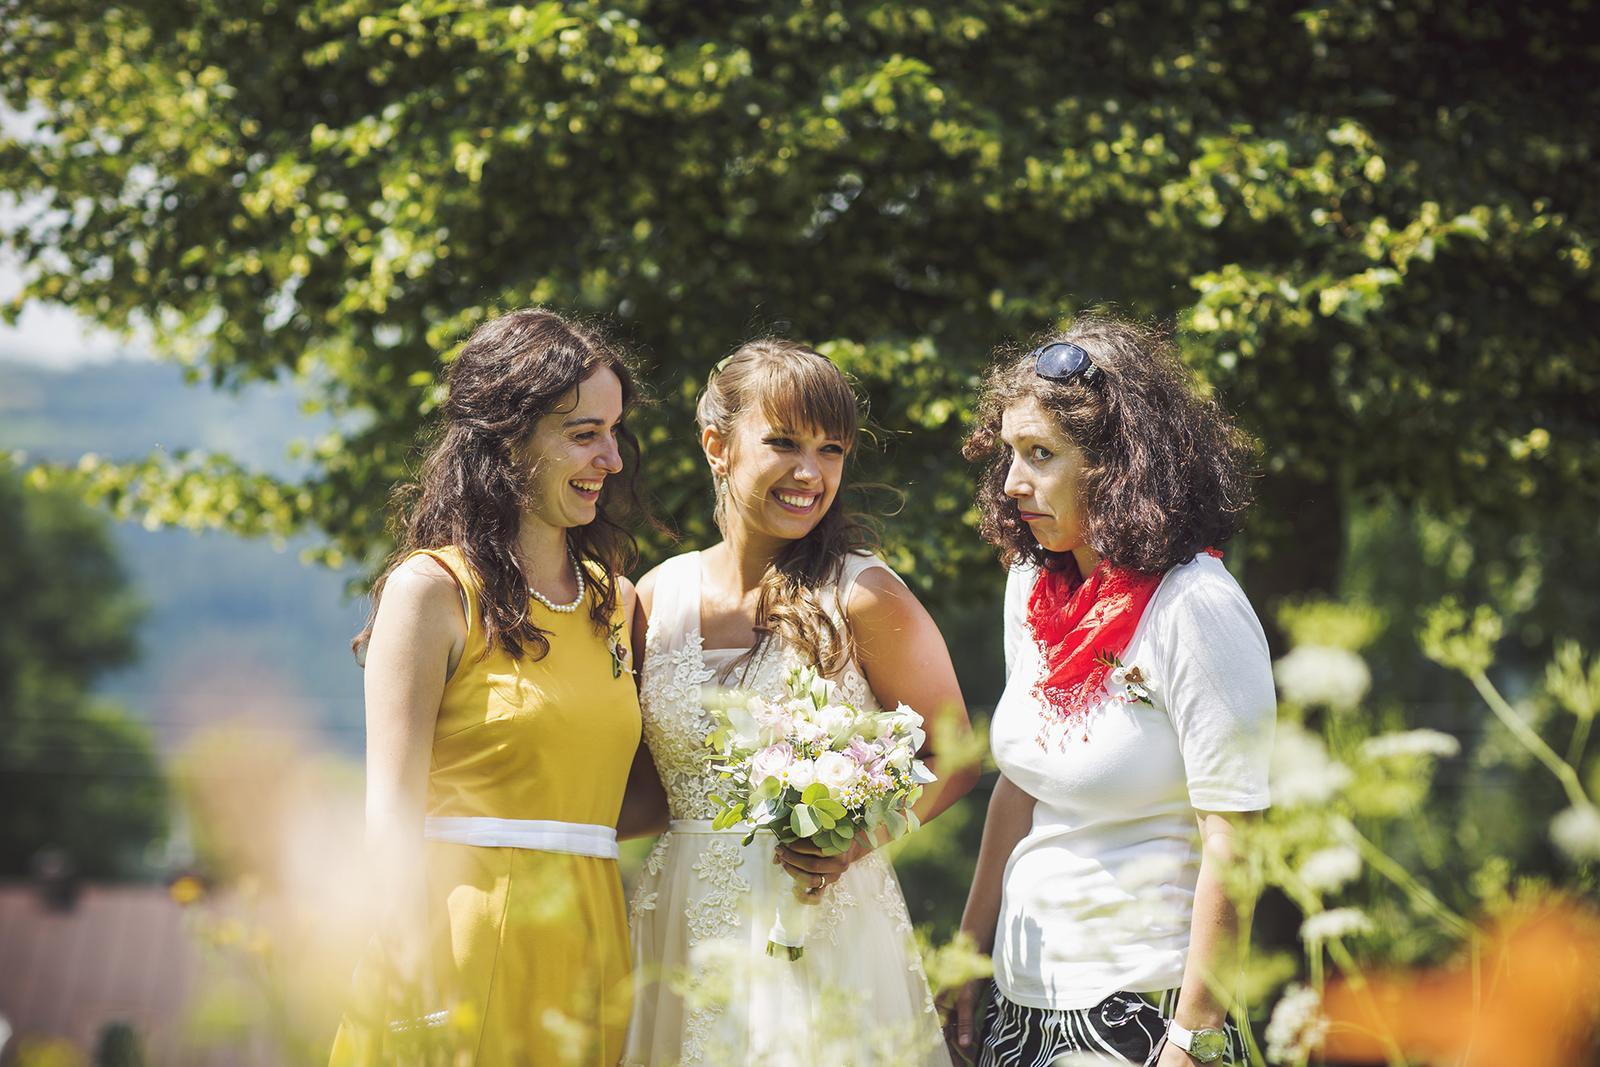 Svatba Krkonose - Obrázek č. 57